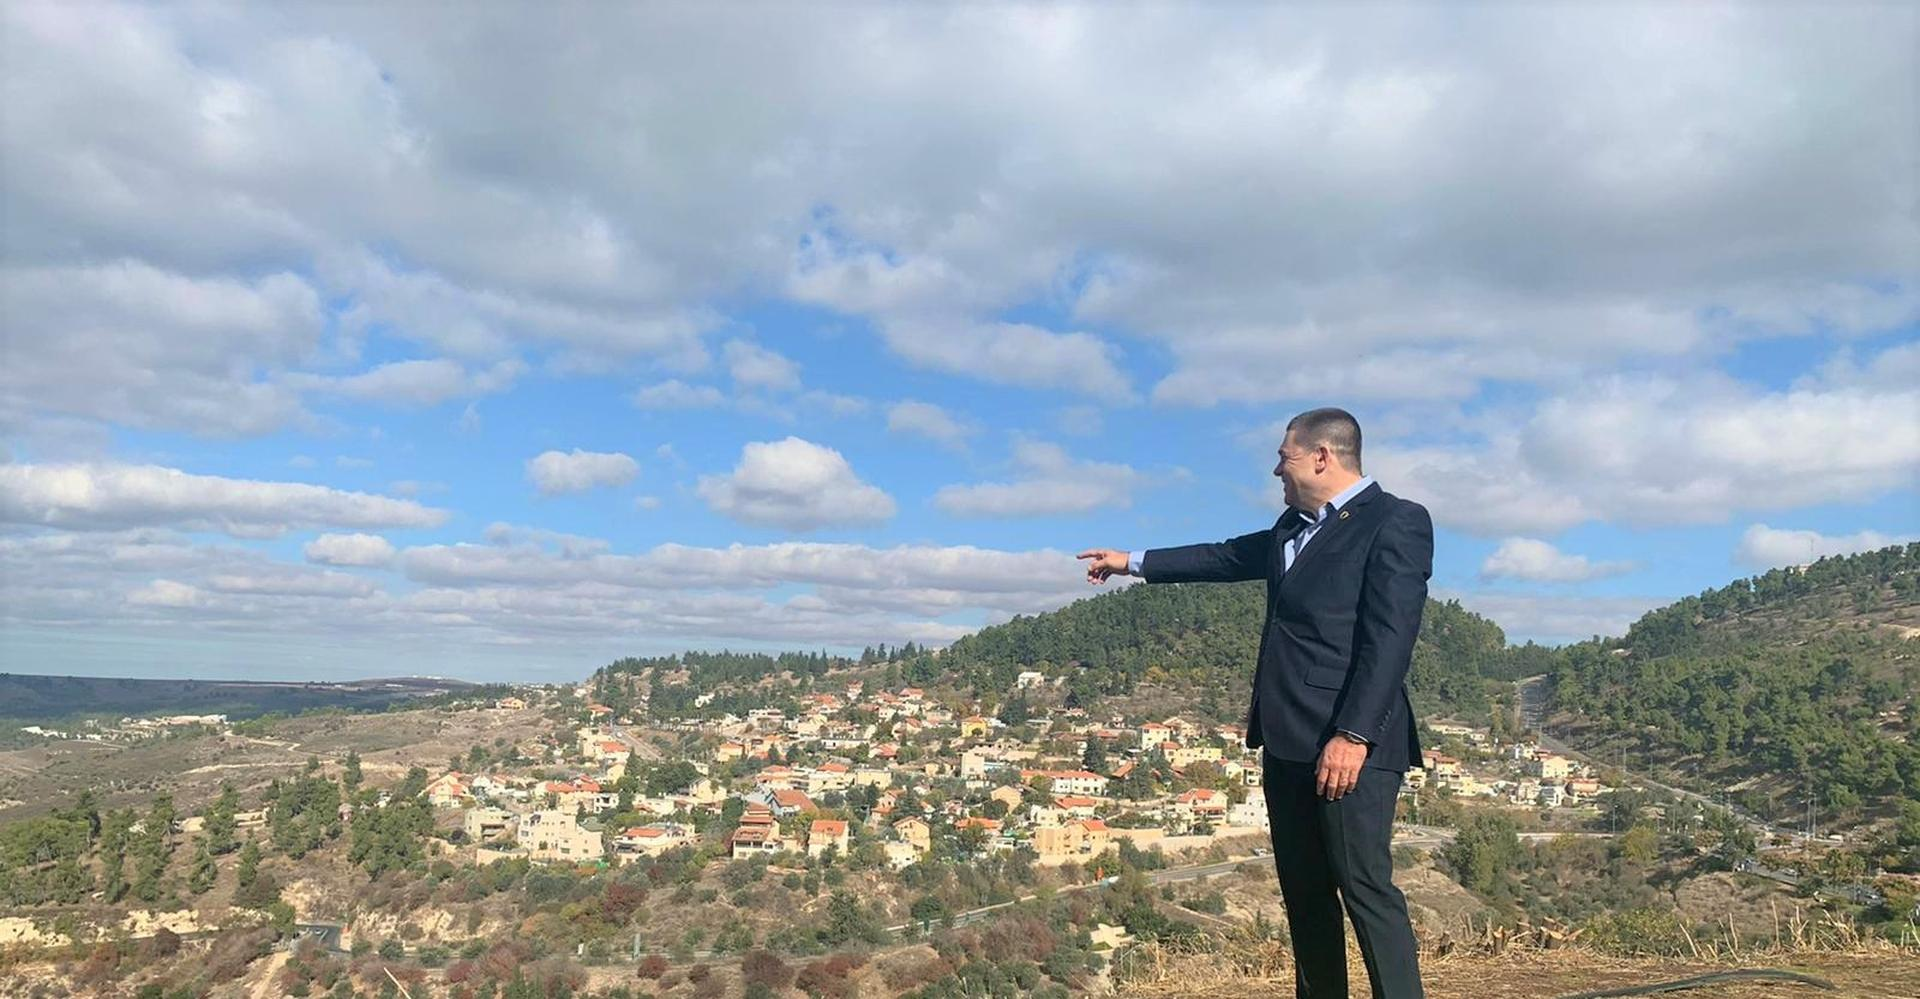 ראש עיריית צפת צופה אל הנוף | צילום: דוברות עיריית צפת